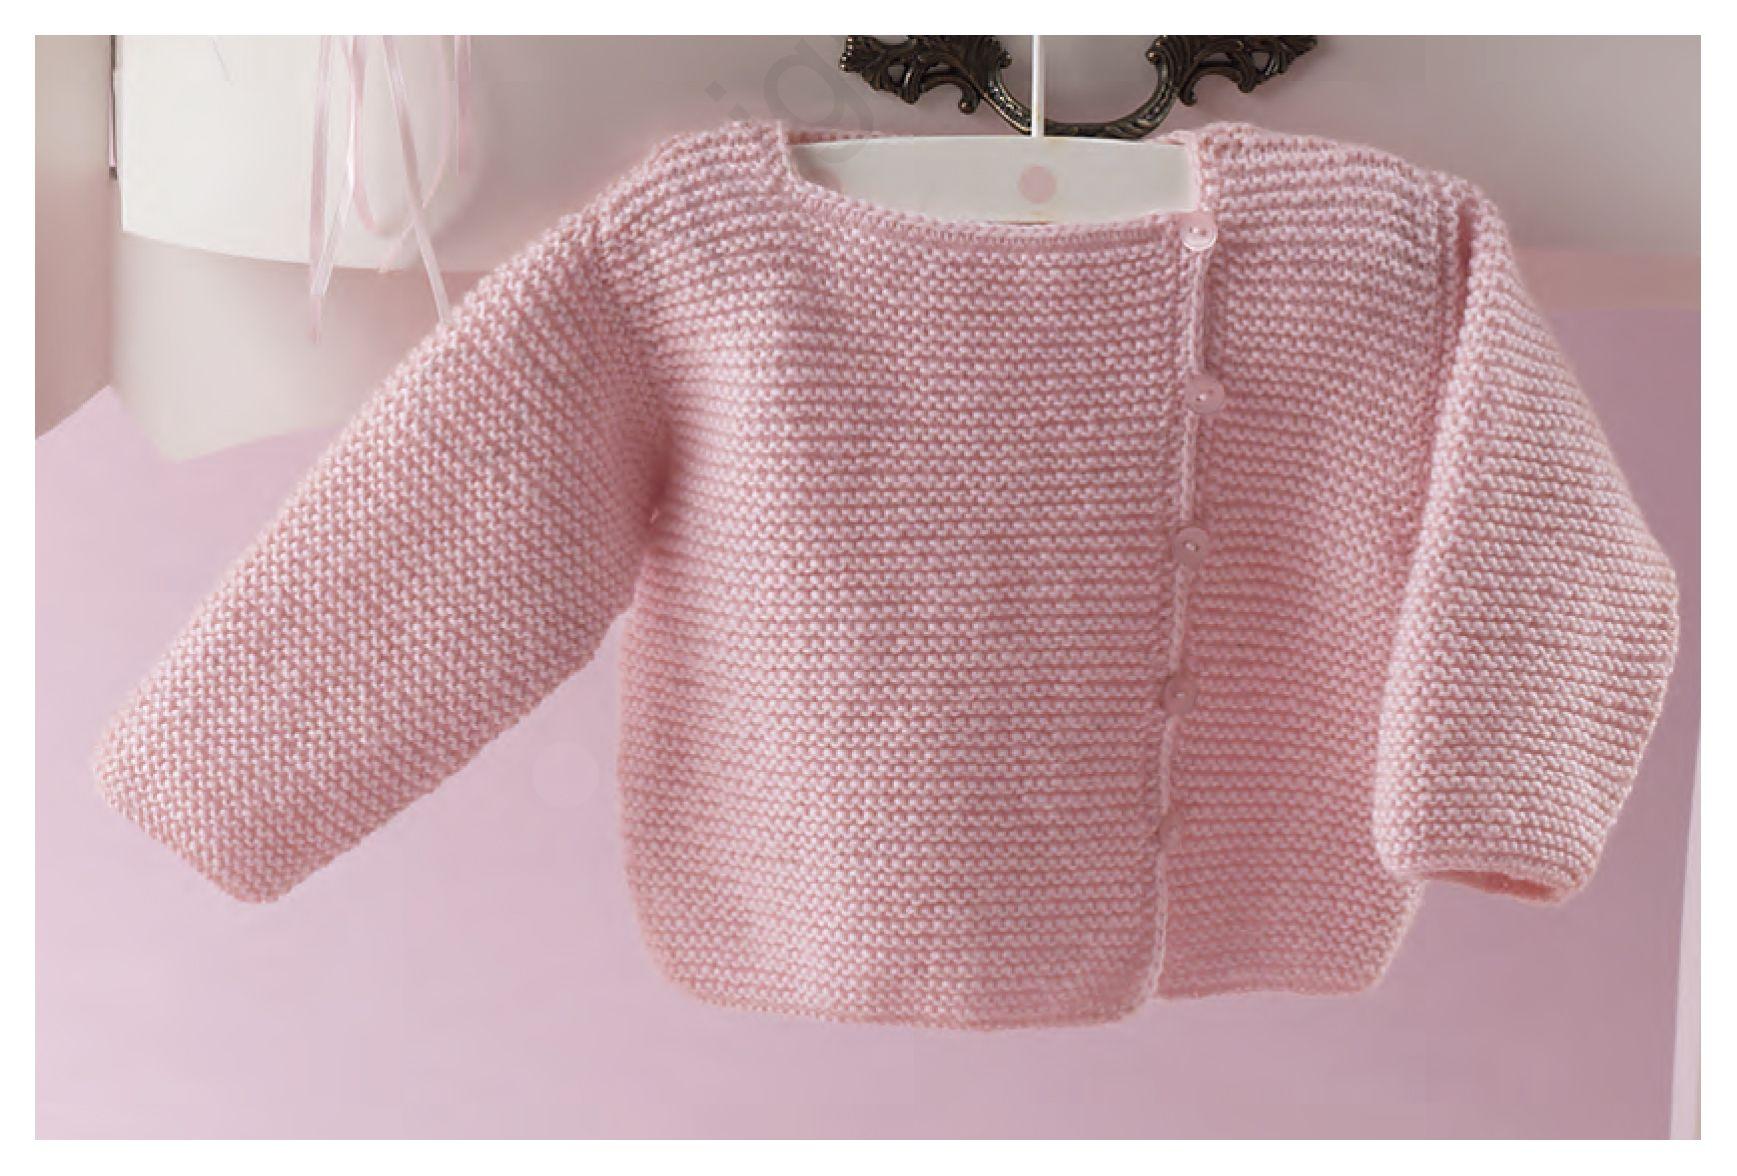 Jersey bebé lana Katia | Punto | Pinterest | Patrón gratis, Lana y Bebé